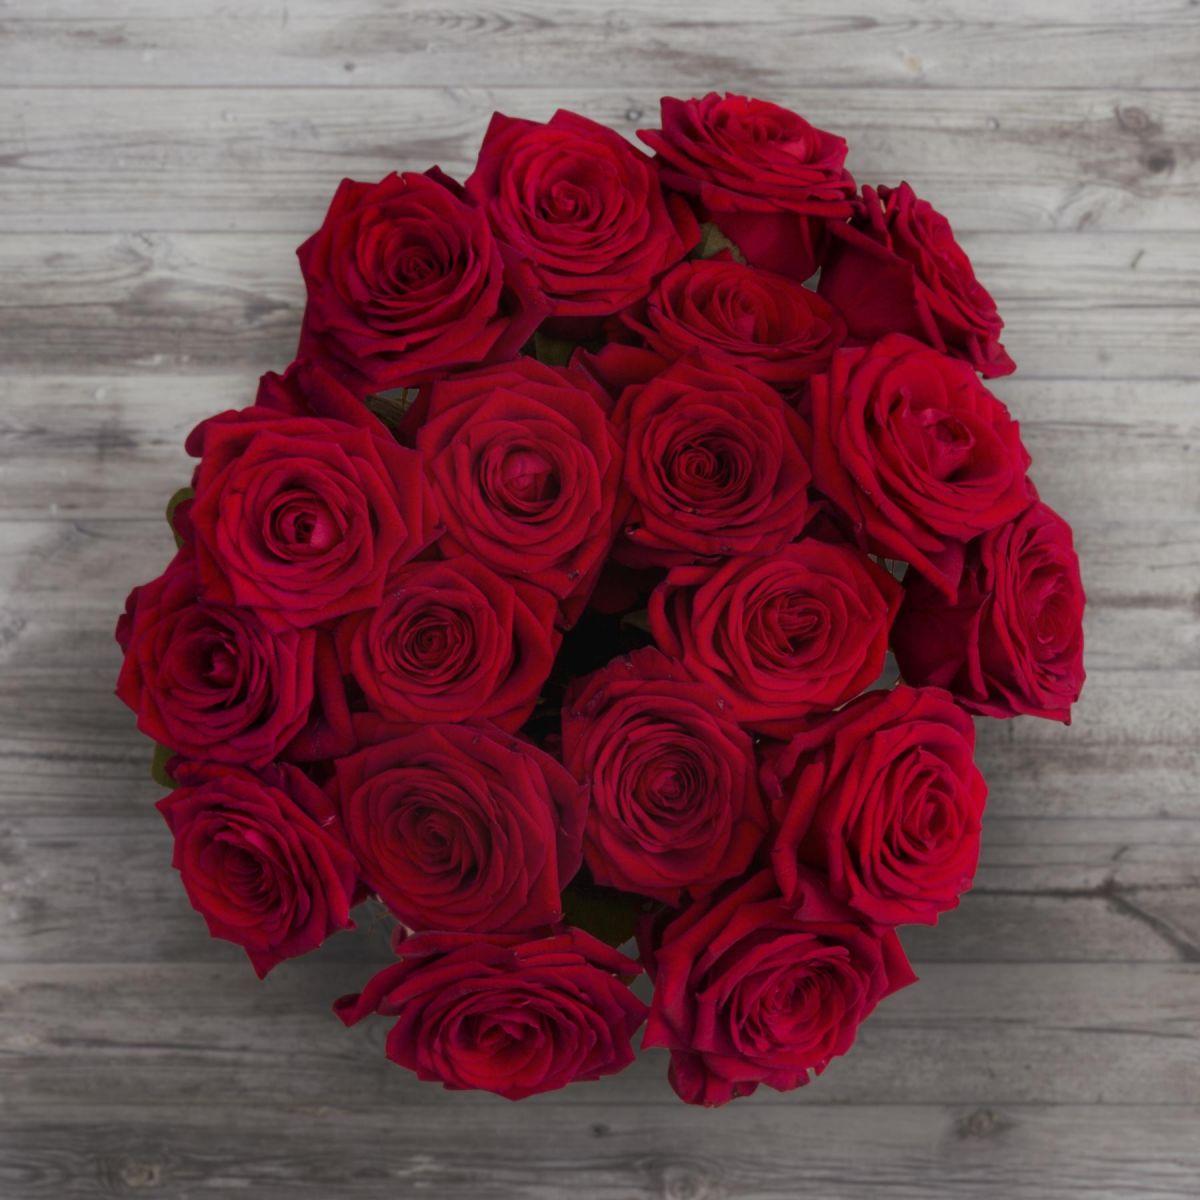 Loving Red Roses